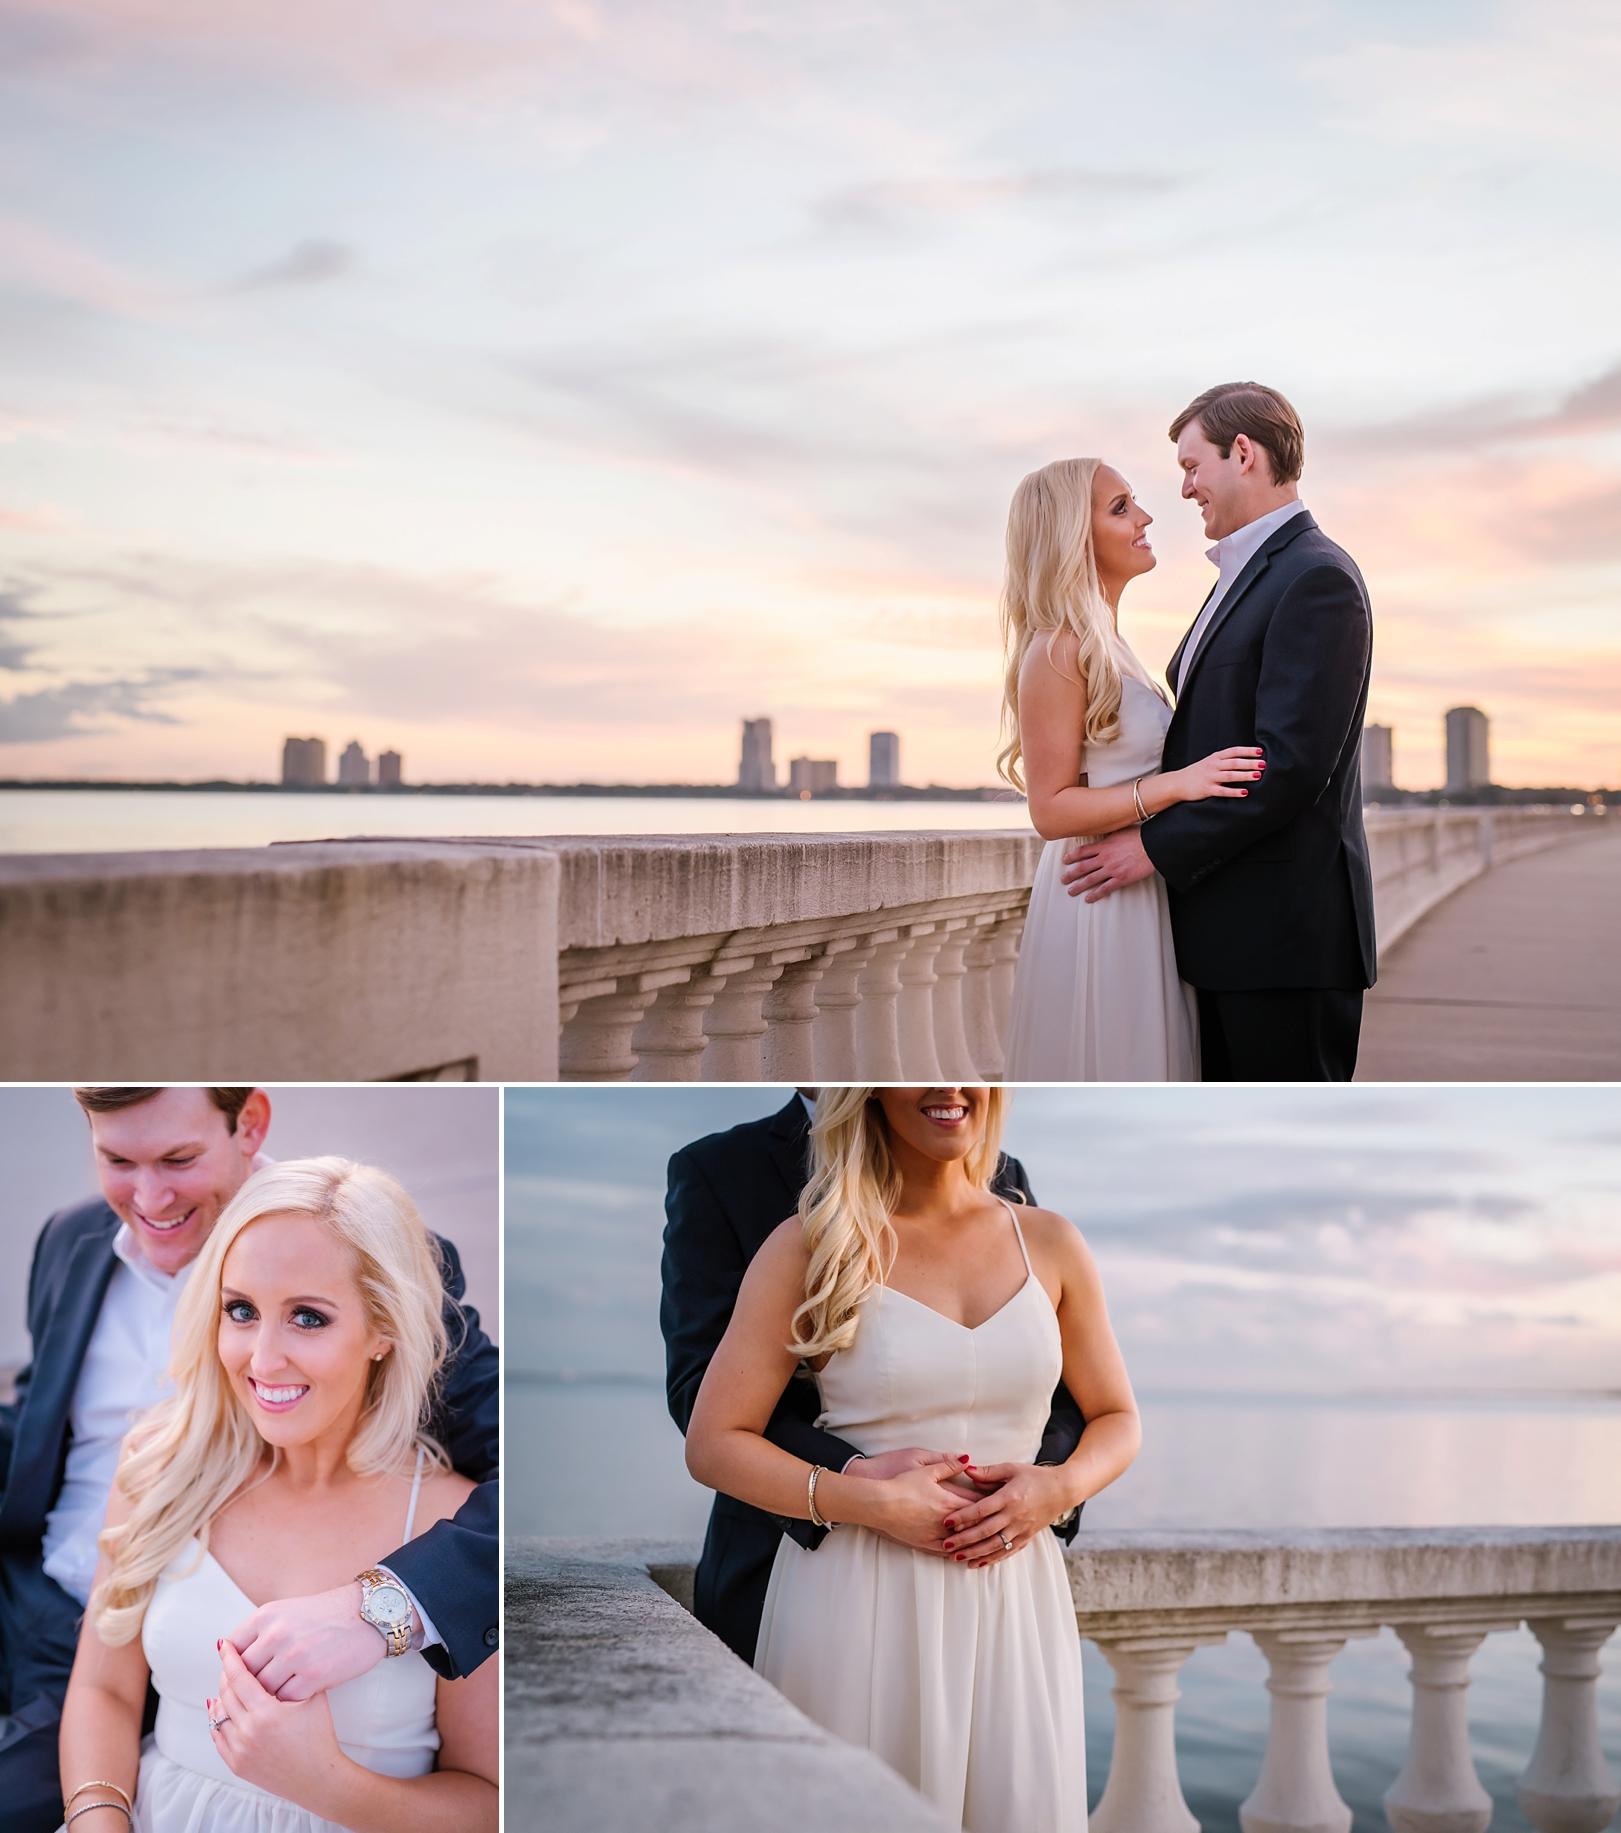 romantic-stylish-elegant-upscale-engagement-photography-ashlee-hamon-tampa_0012.jpg